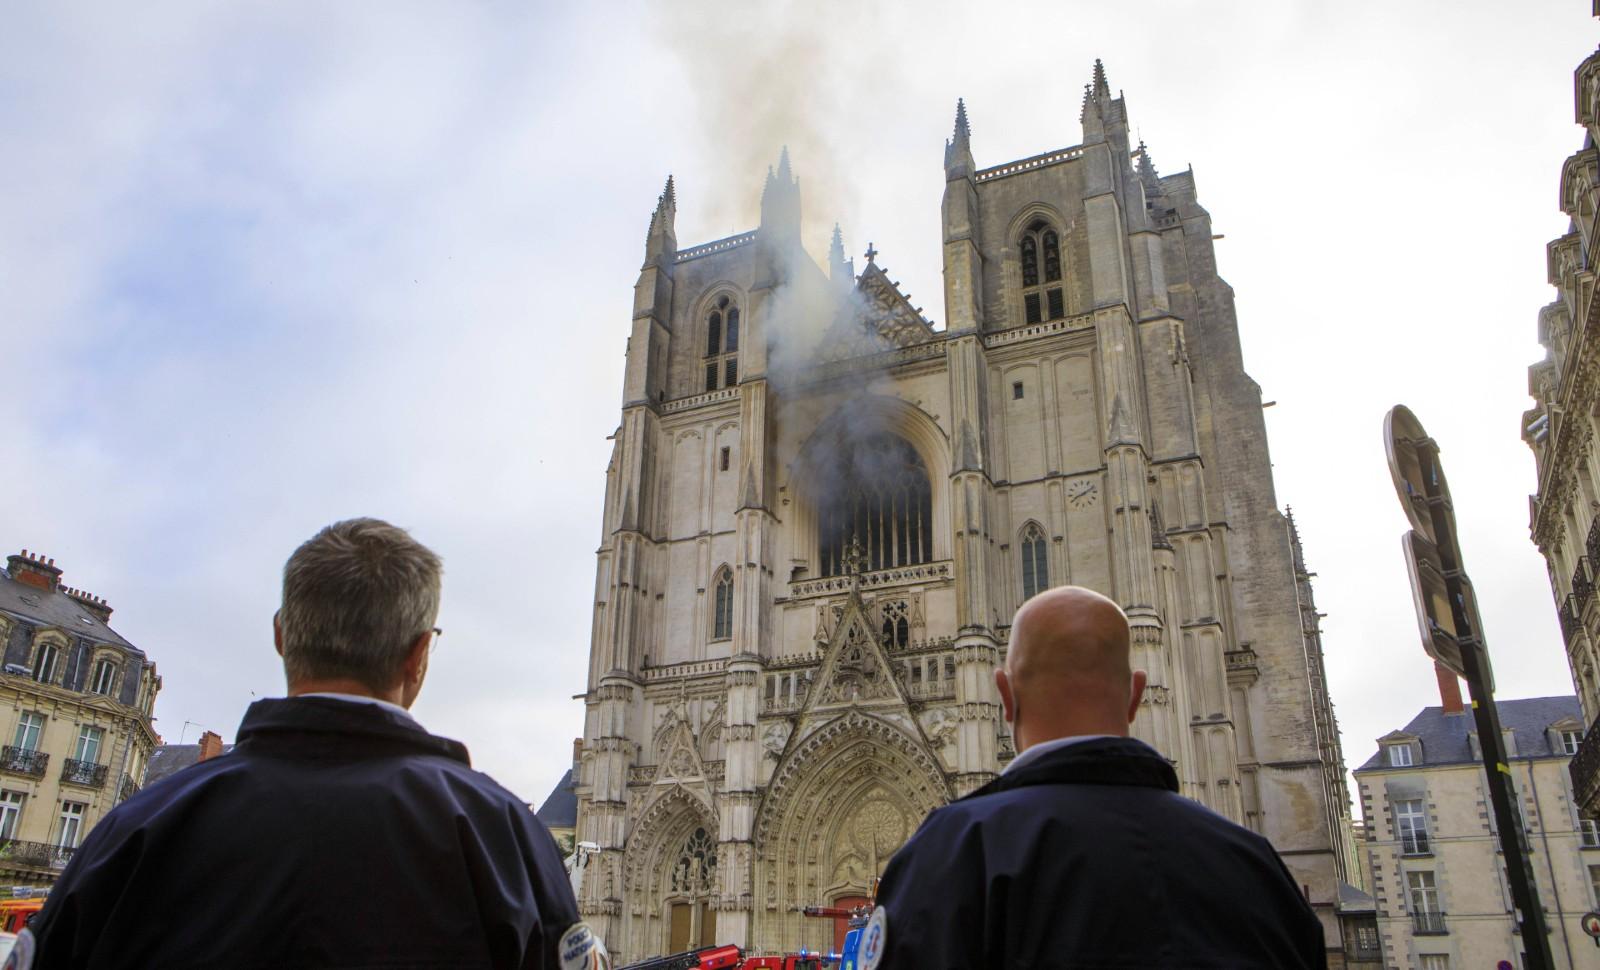 A Nantes, des policiers empêchent l'approche de la cathédrale en feu, samedi 18 juillet 2020 © Laetitia Notarianni/AP/SIPA Numéro de reportage : AP22474389_000011